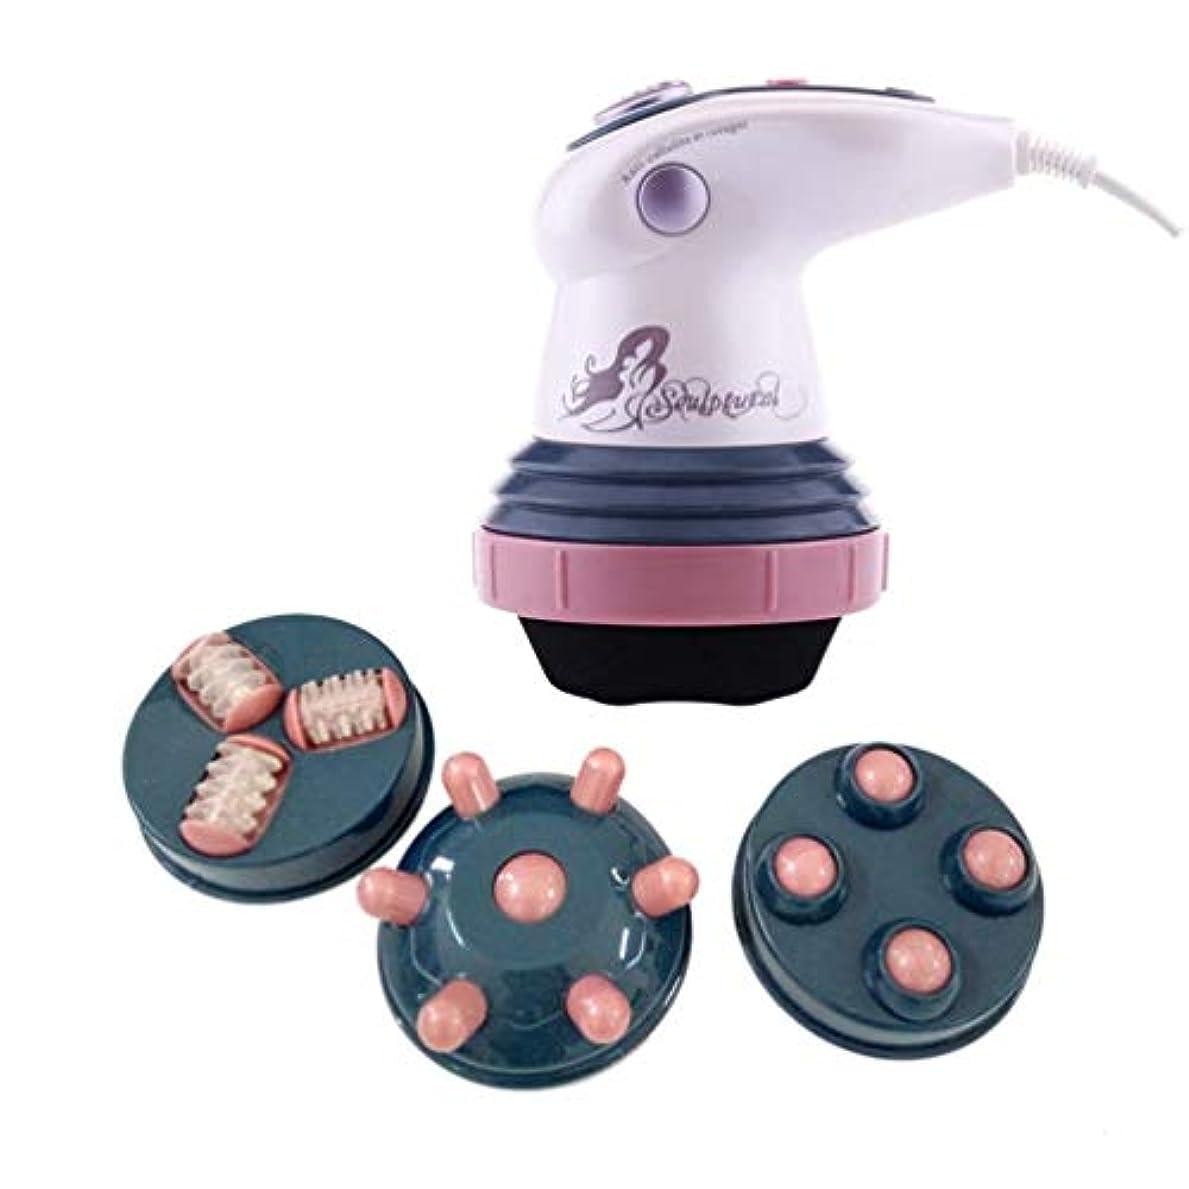 老朽化したアレルギー性公低雑音の赤外線電気脂肪燃焼はボディスリミングマッサージャー抗セルライトボディマッサージ機を削除します - ピンク